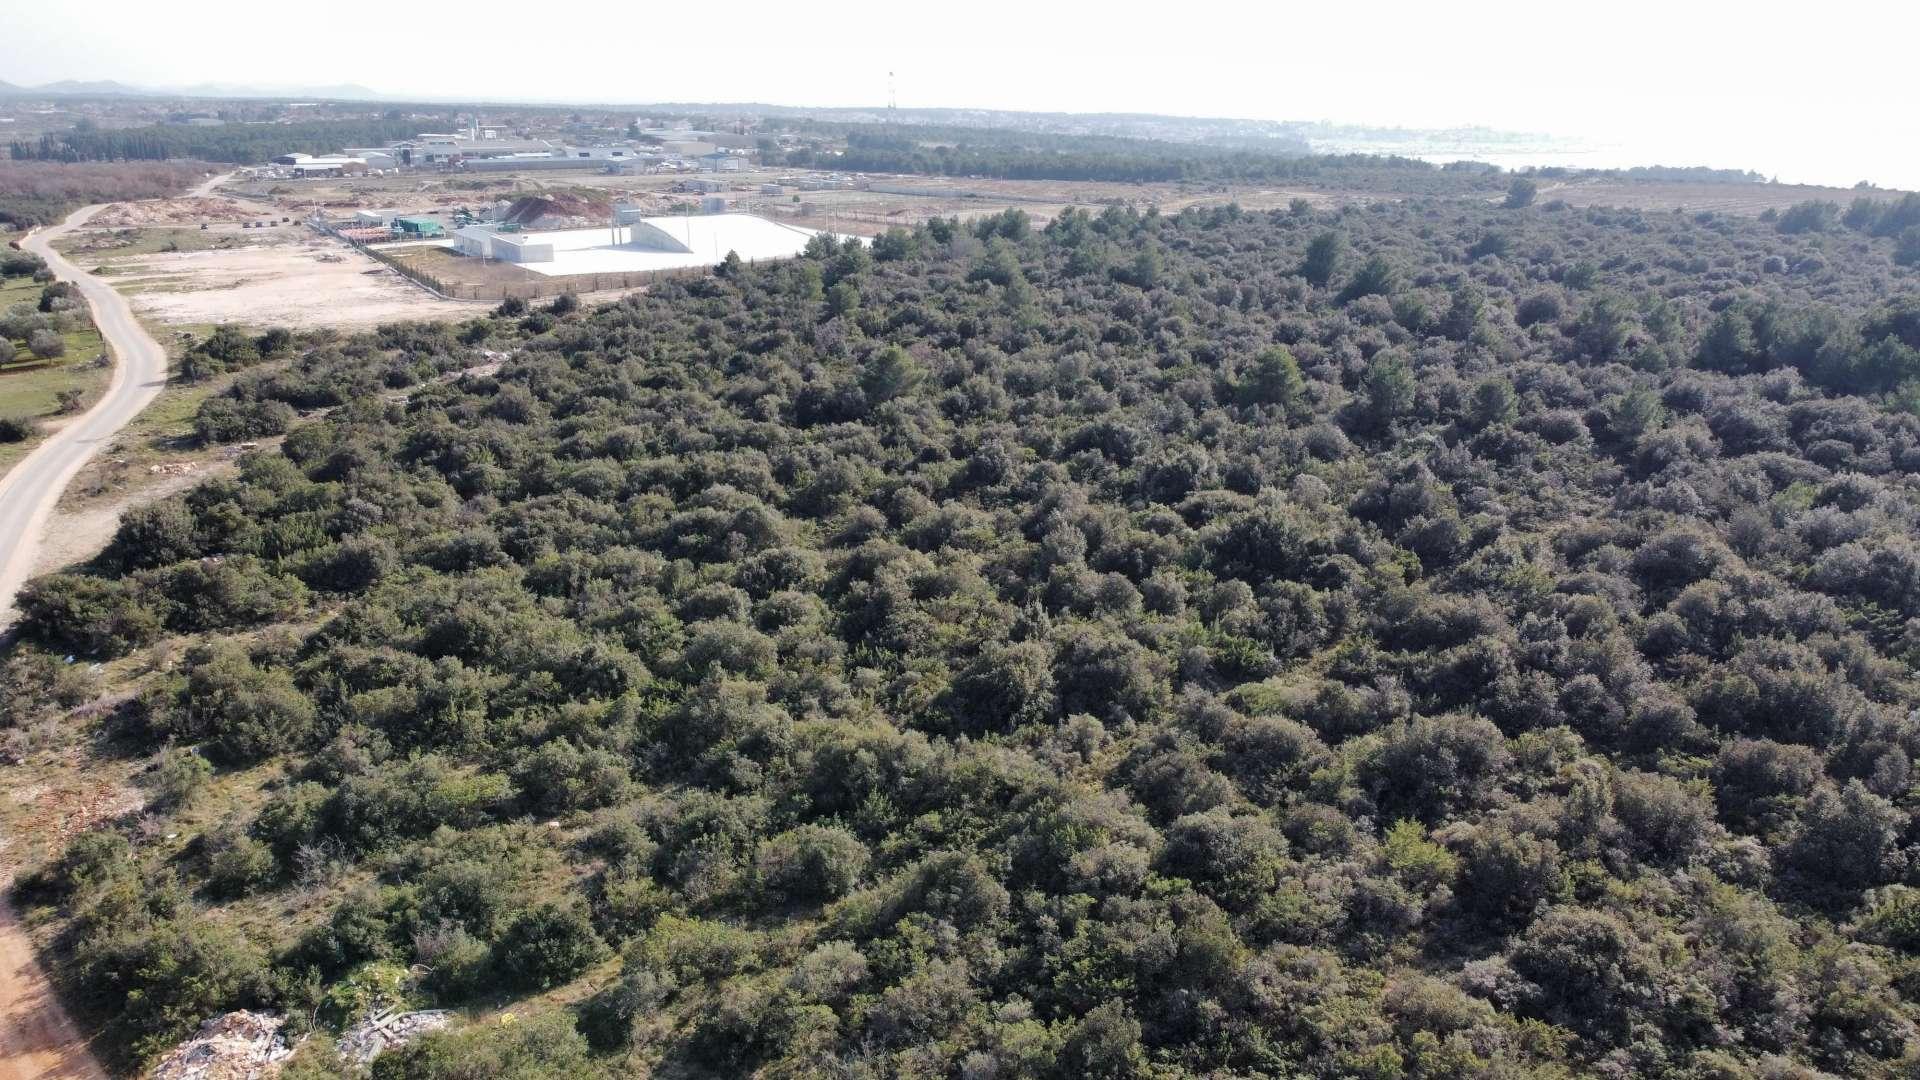 Poduzetnička zona u Sv. Filip i Jakovu sve bliže cilju; Vlada usvojila odluku o darovanju zemljišta Općini Sv. Filip i Jakov u svrhu izgradnje zone